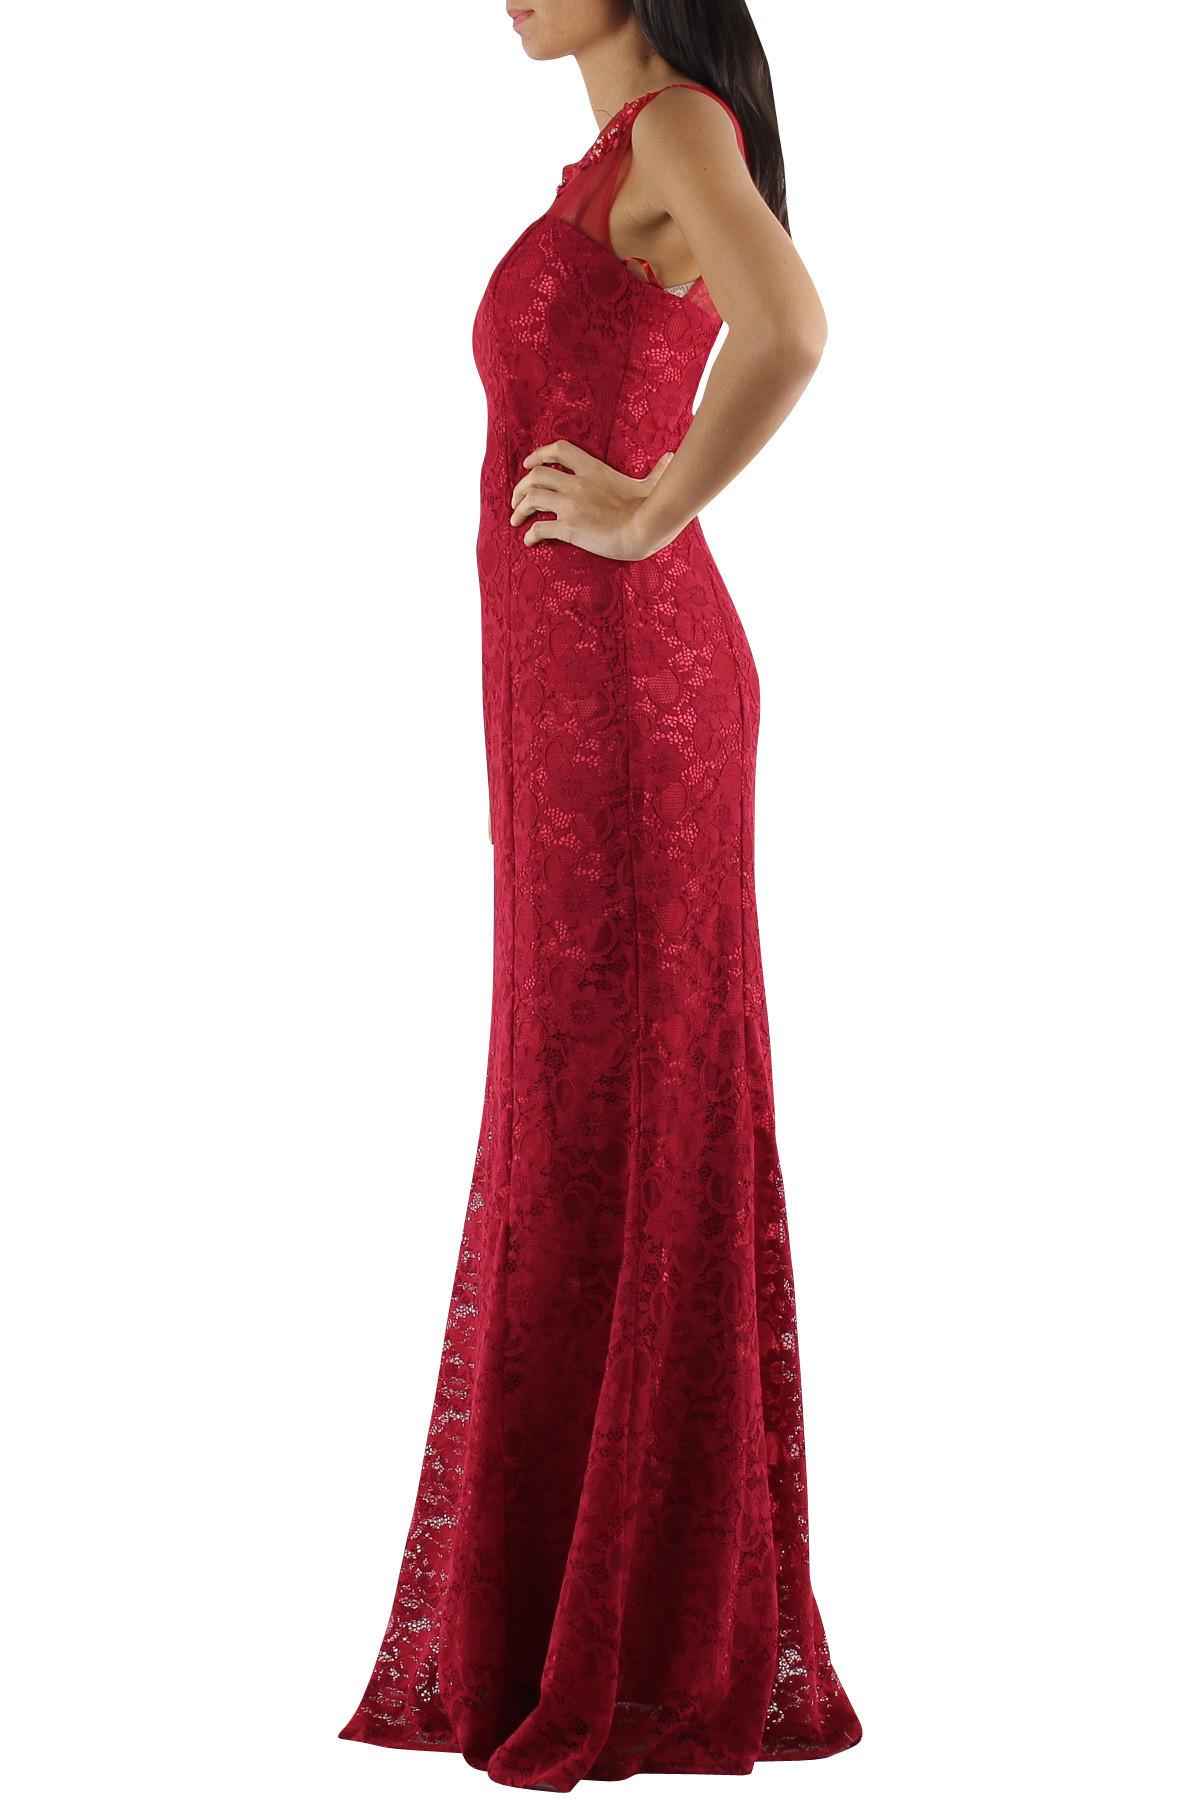 Spoločenské a plesové šaty krajkové dlhé luxusné CHARM'S Paris červené - Červená - CHARM'S Paris XS